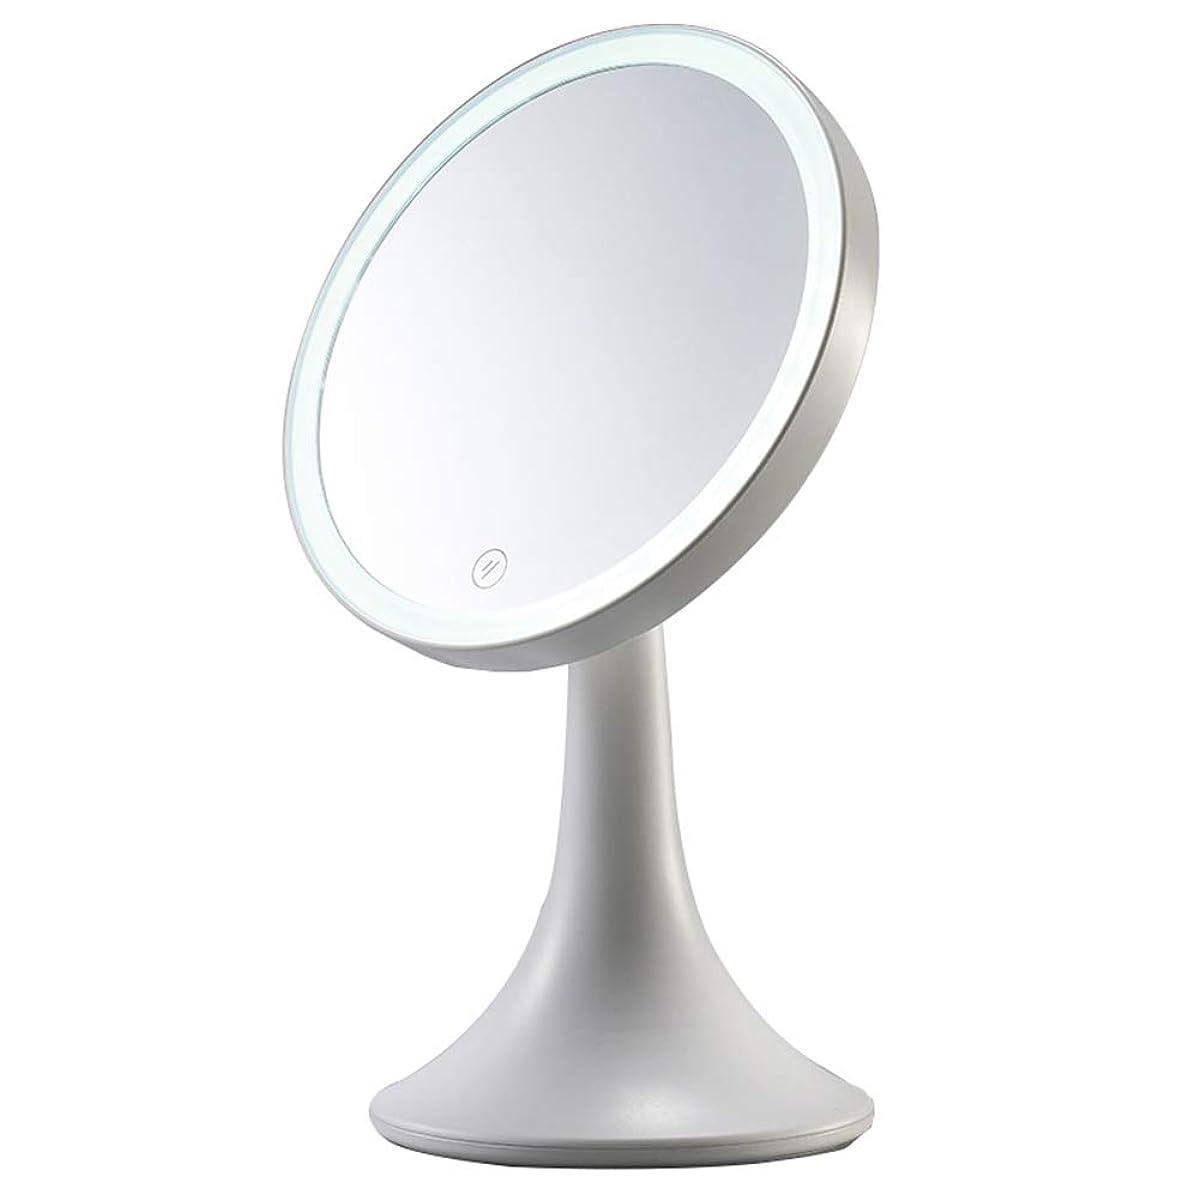 クランシーホバー真鍮化粧鏡デスクトップラウンドライト化粧鏡垂直片面フィルライト化粧鏡,White